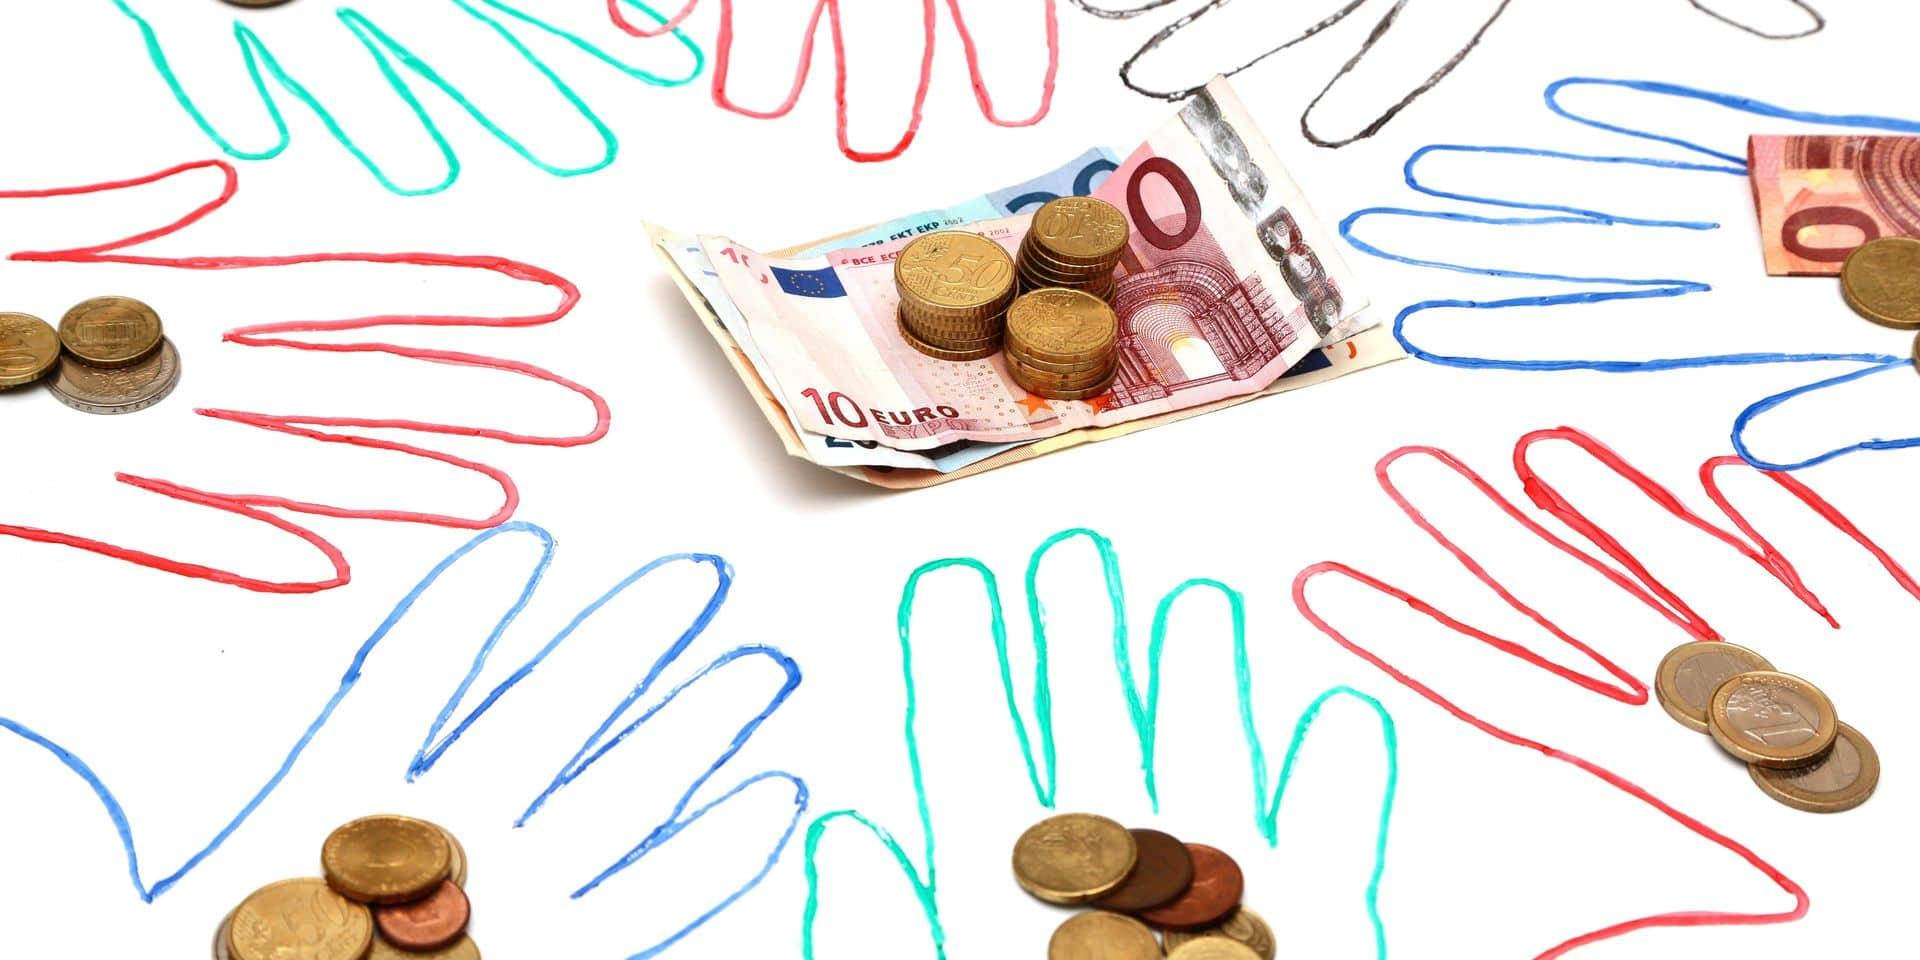 Le crowdfunding, une solution pour réoxygéner et redynamiser notre économie ?